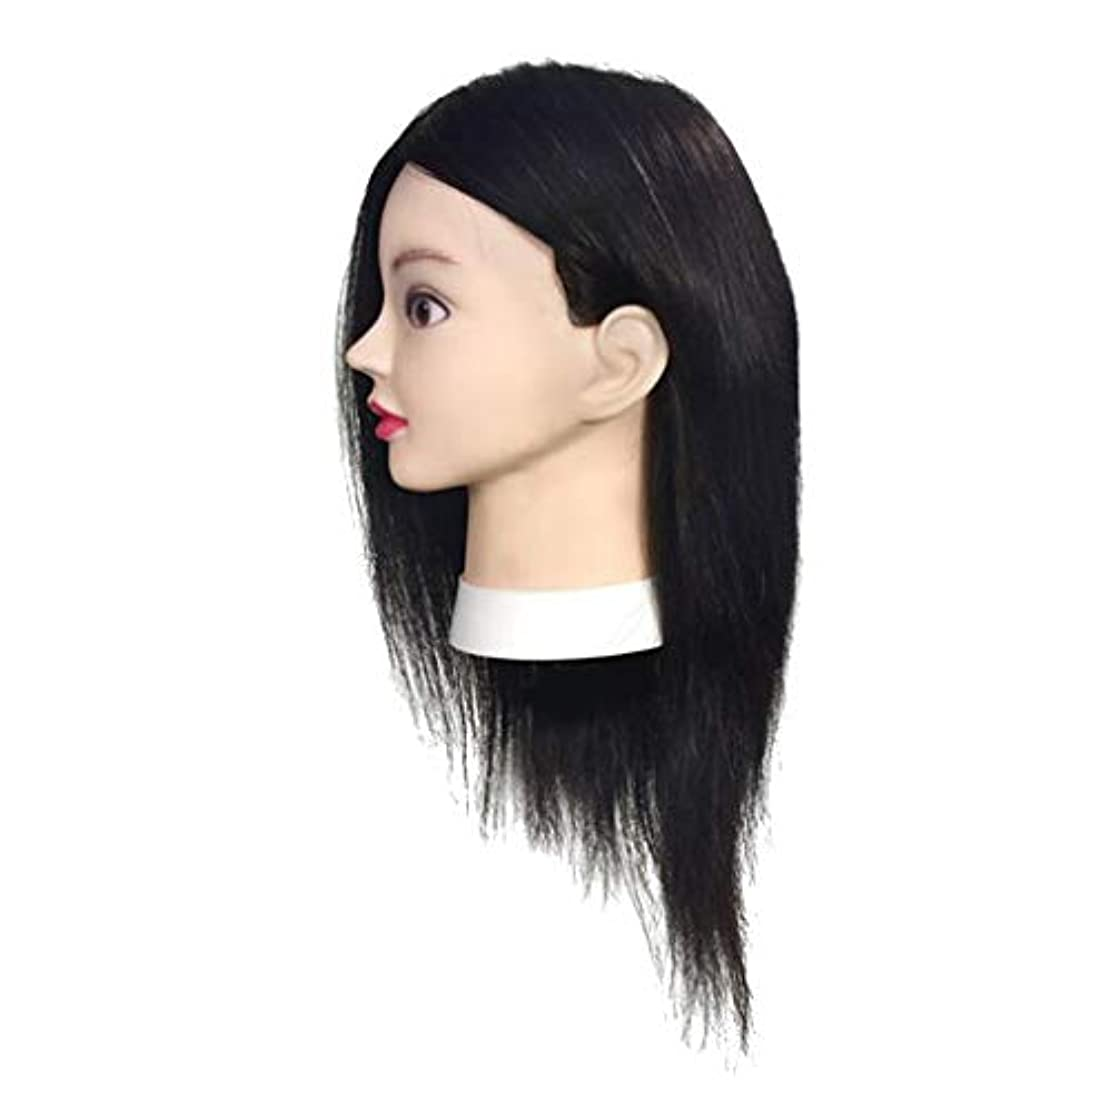 溢れんばかりの広いオーバーヘッドCUTICATE マネキンヘッド ウィッグ 編み込み練習用 練習用 美容師 理髪店 美容院 サロン